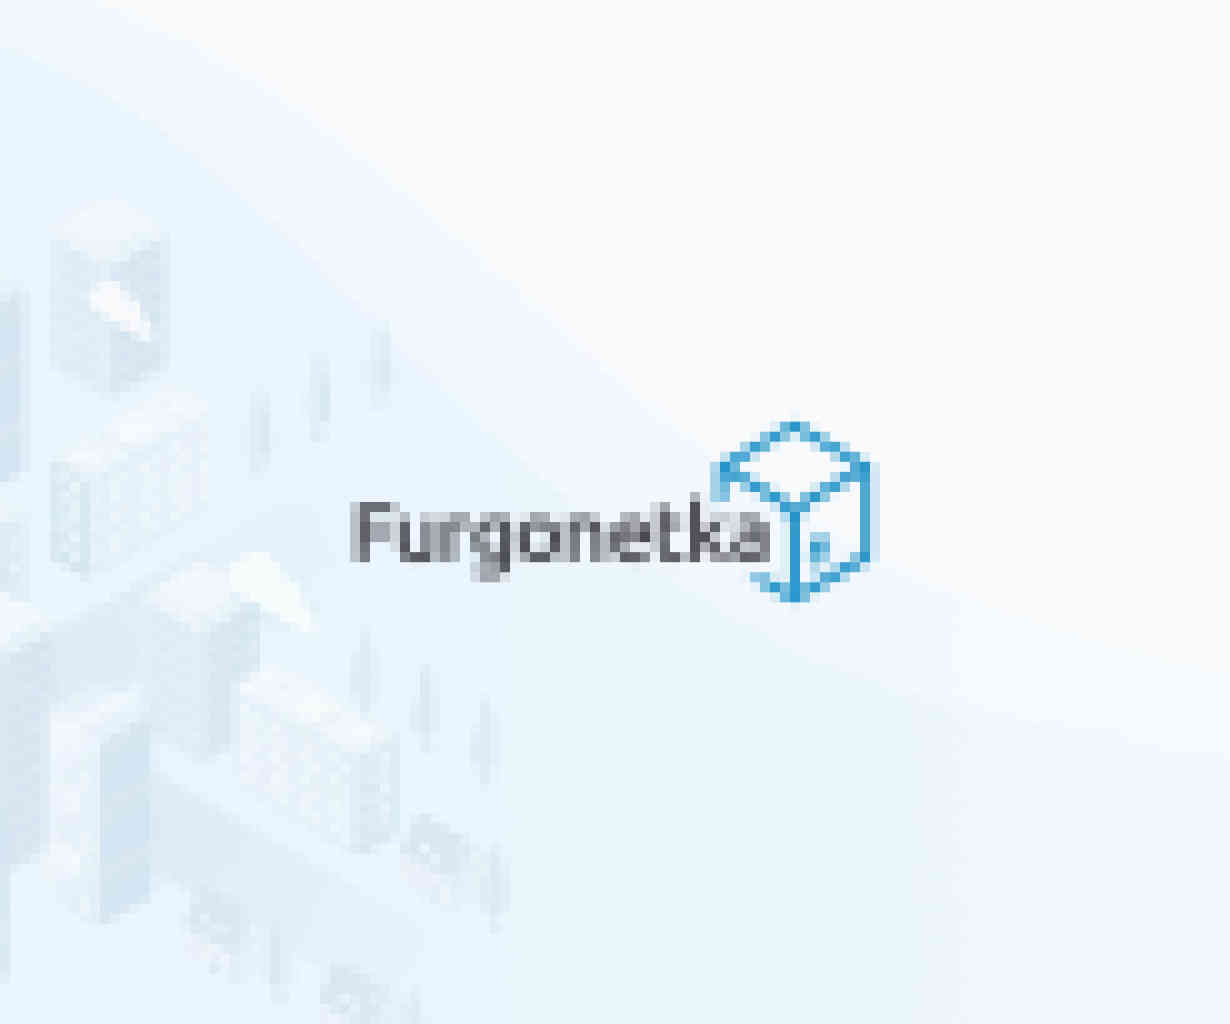 Furgonetka.pl logo